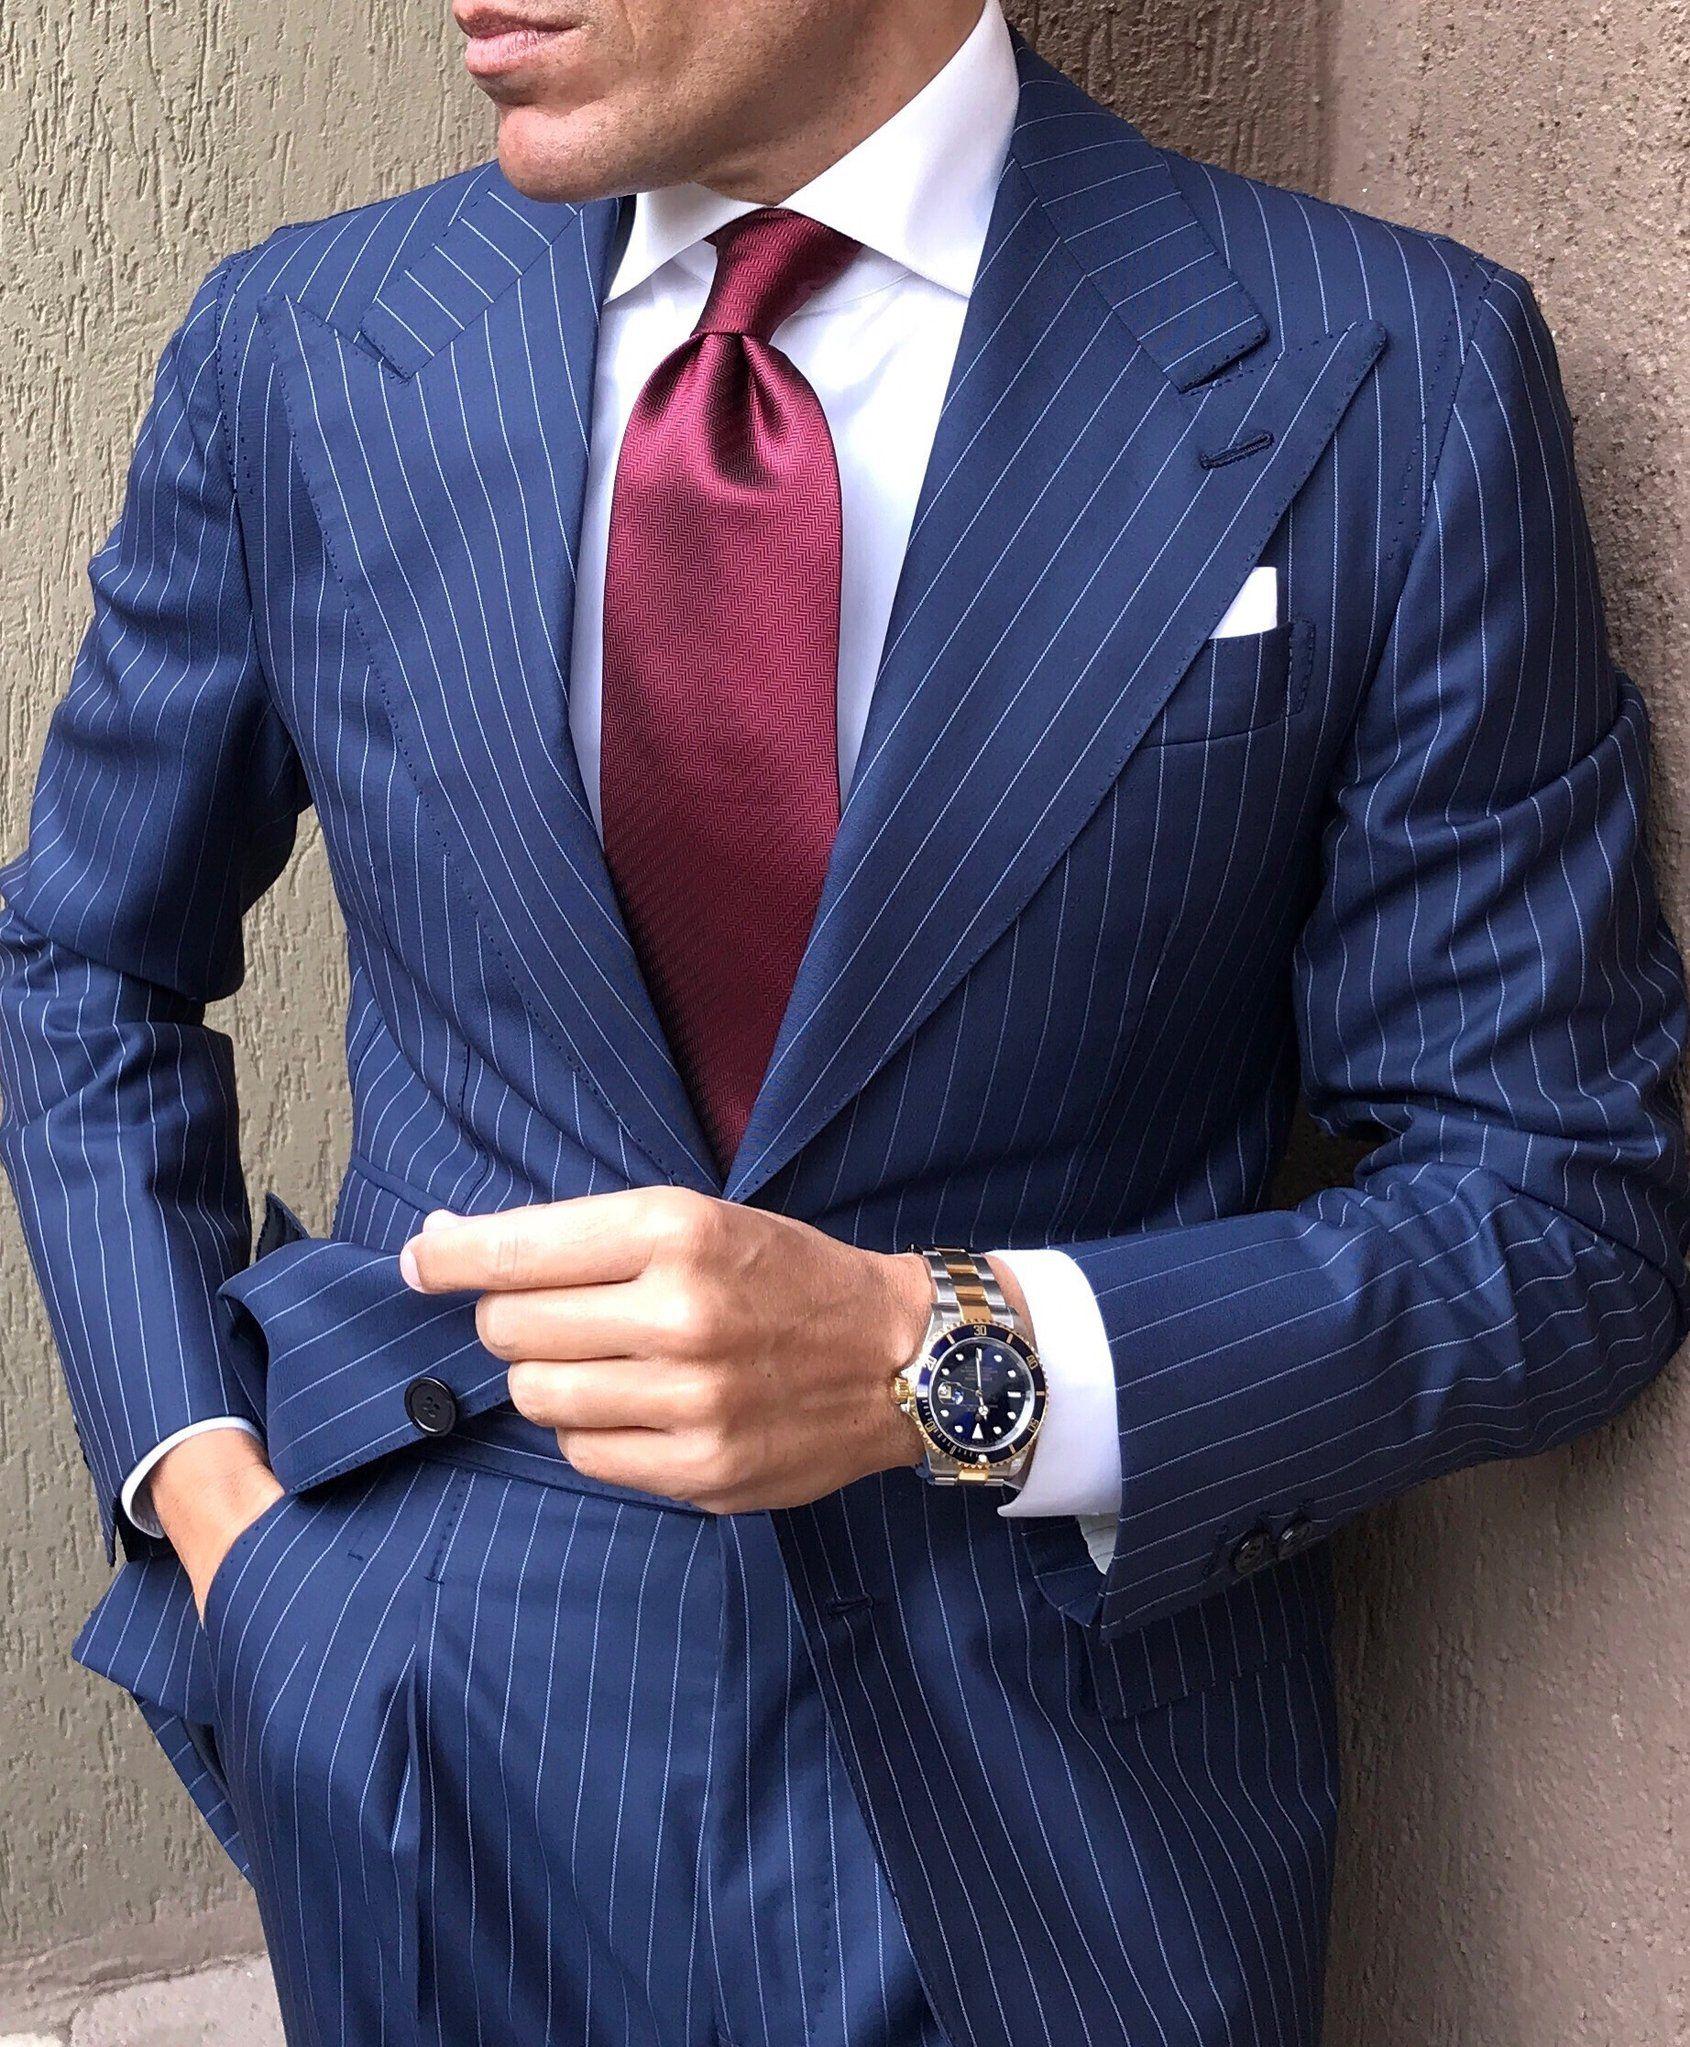 Roma Blue Pinstripe Suit | Blue pinstripe suit, Pinstripe suit, Blue  striped suit